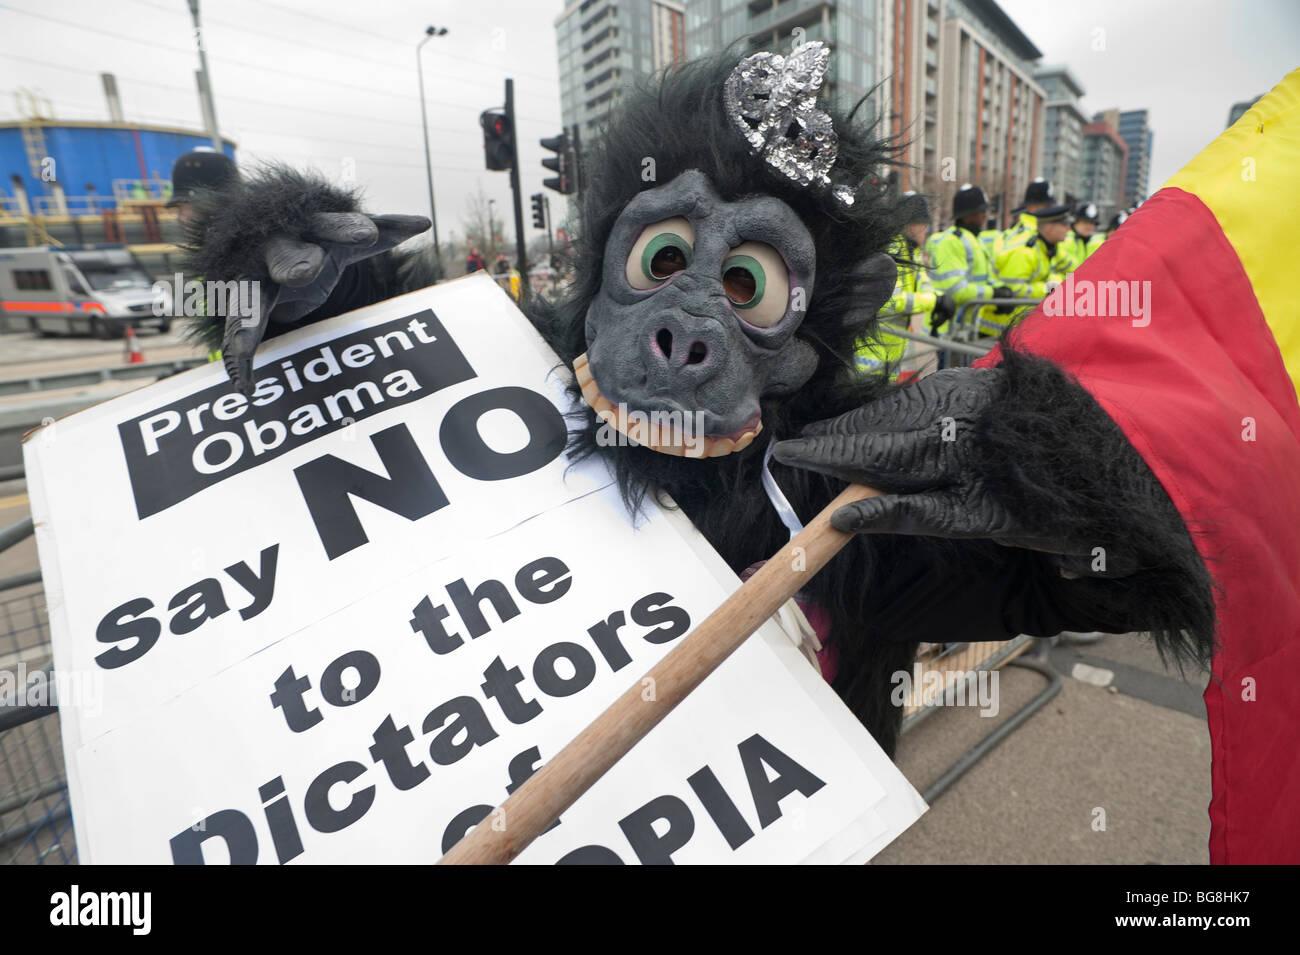 G20 London Demonstration Ogaden Flag Stock Photos & G20